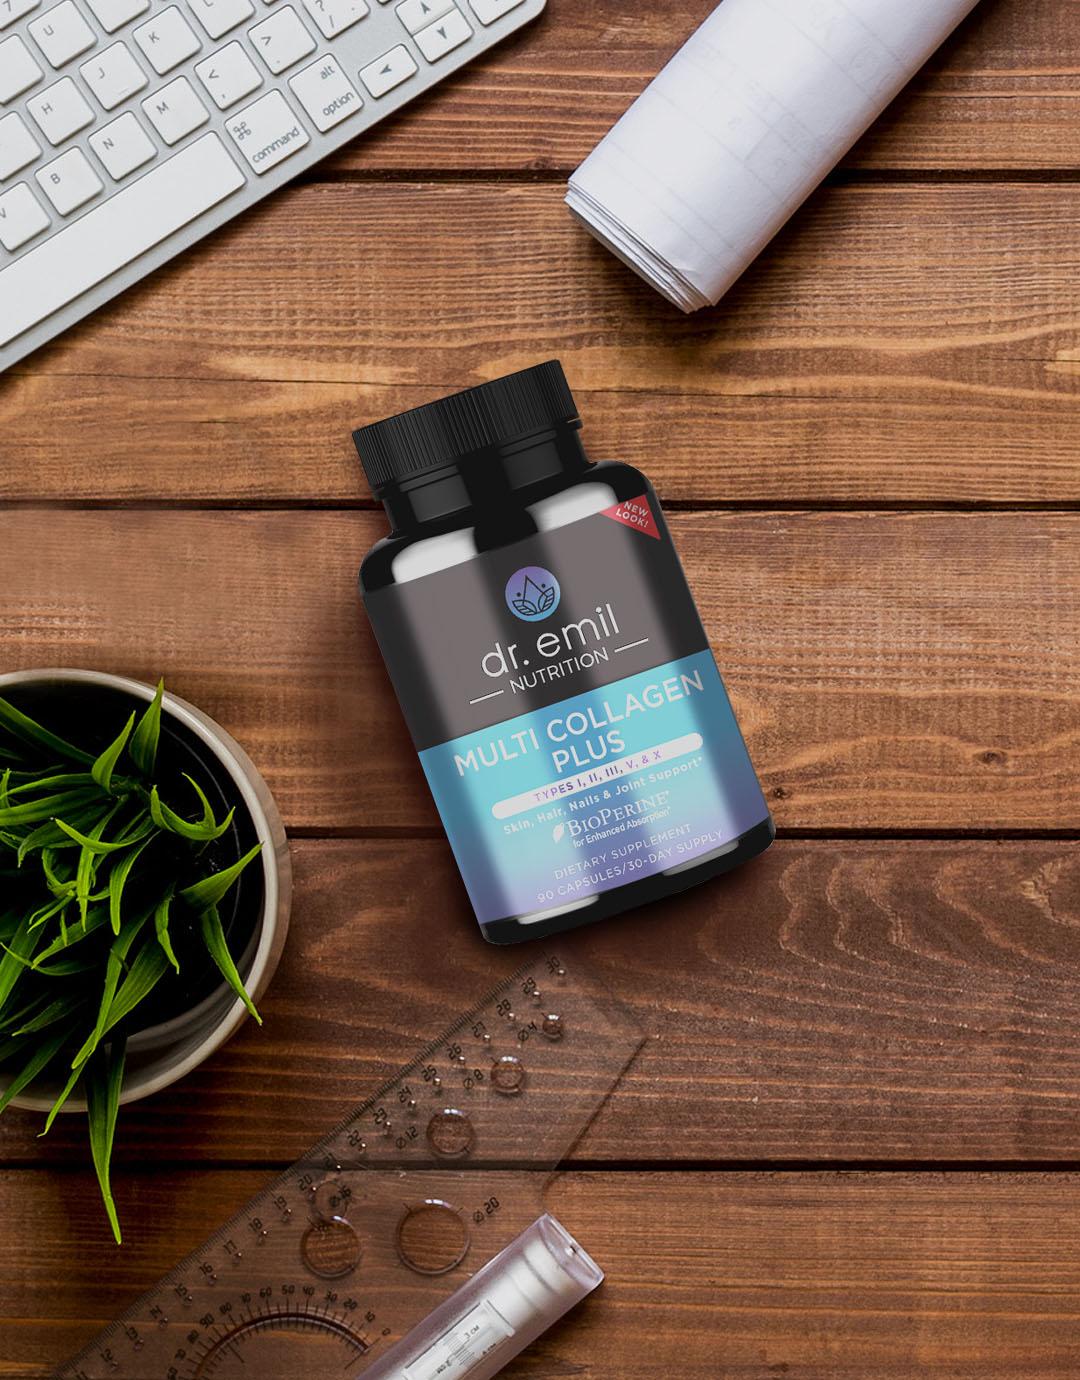 dr emil's multi collagen plus formula